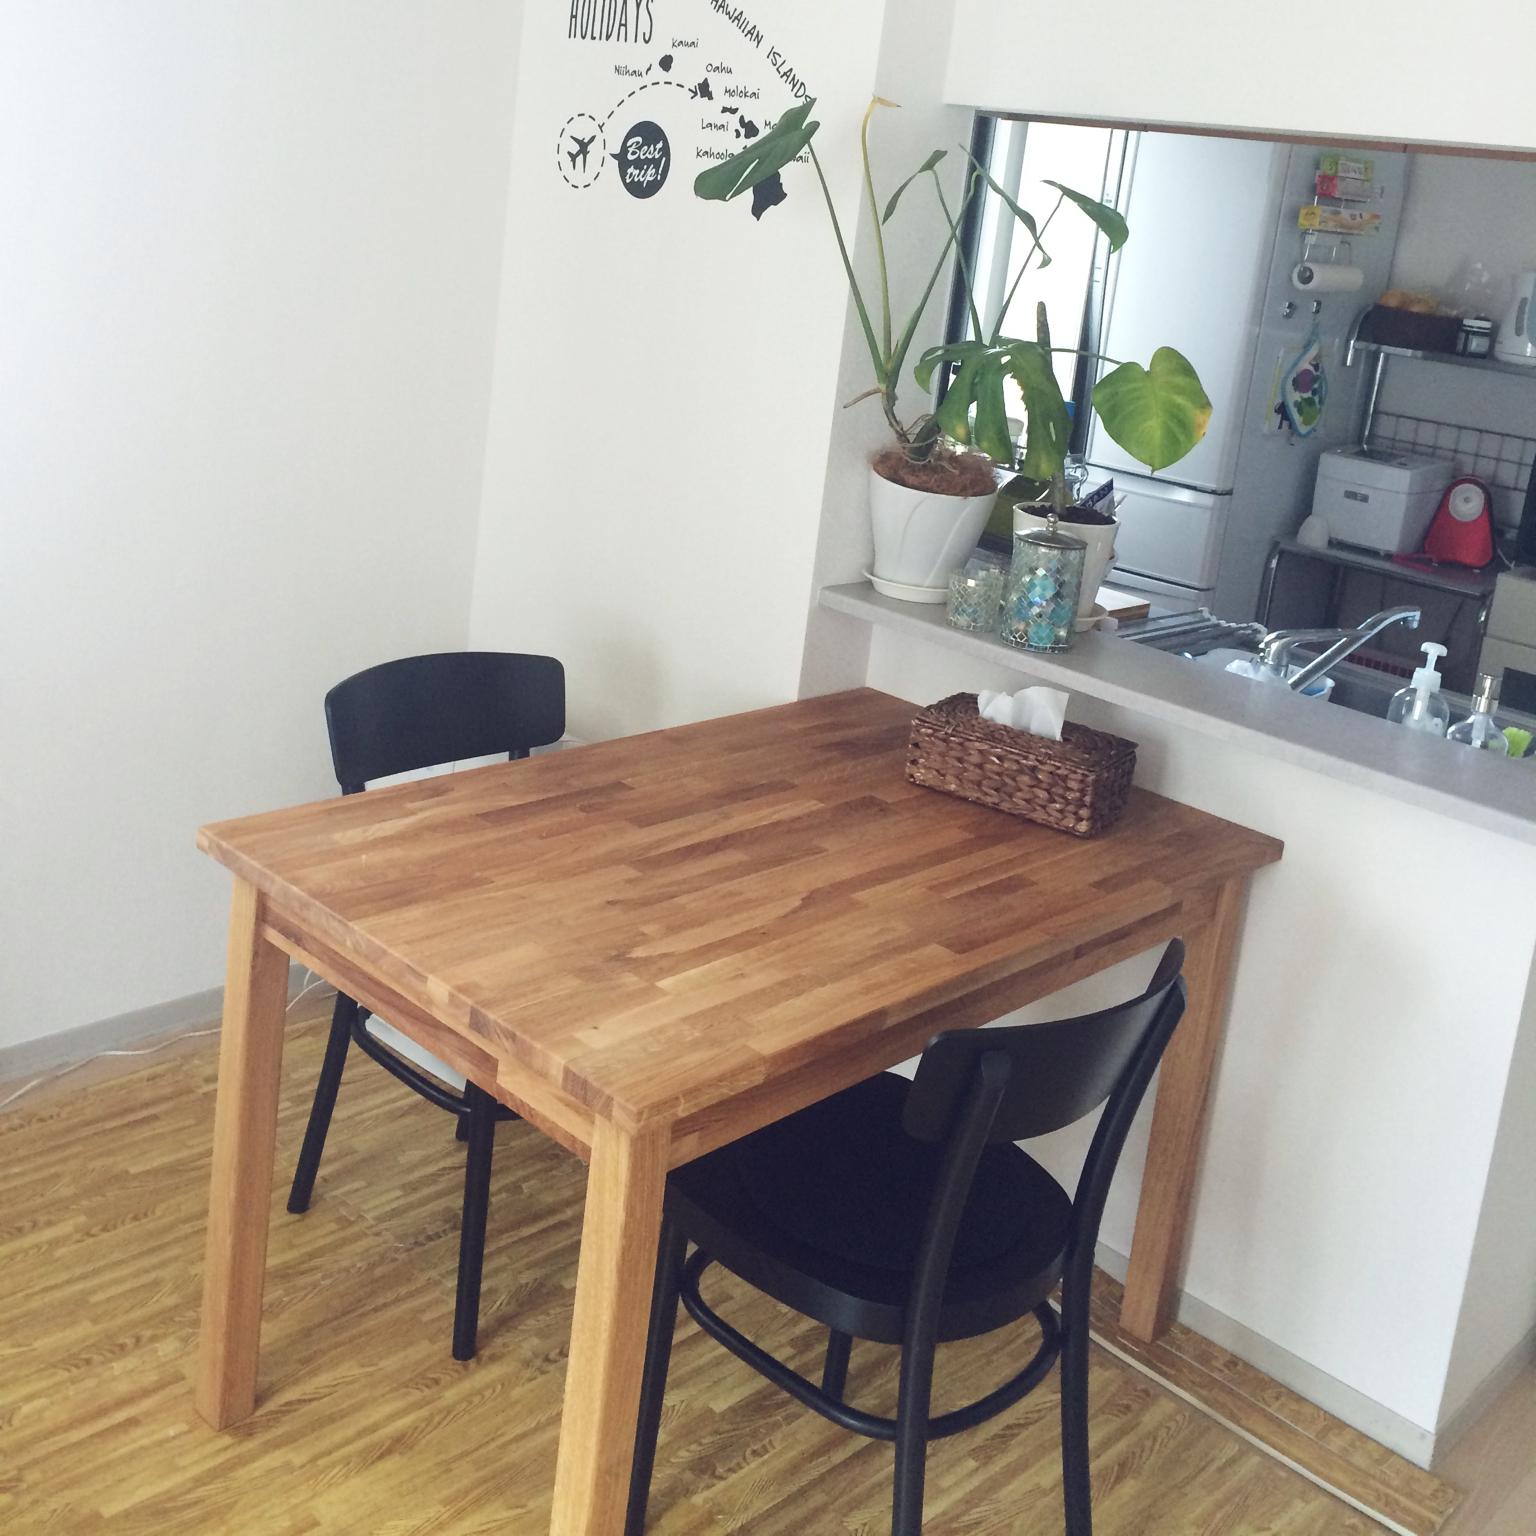 シンプルだから使いやすい!IKEAのダイニングテーブル